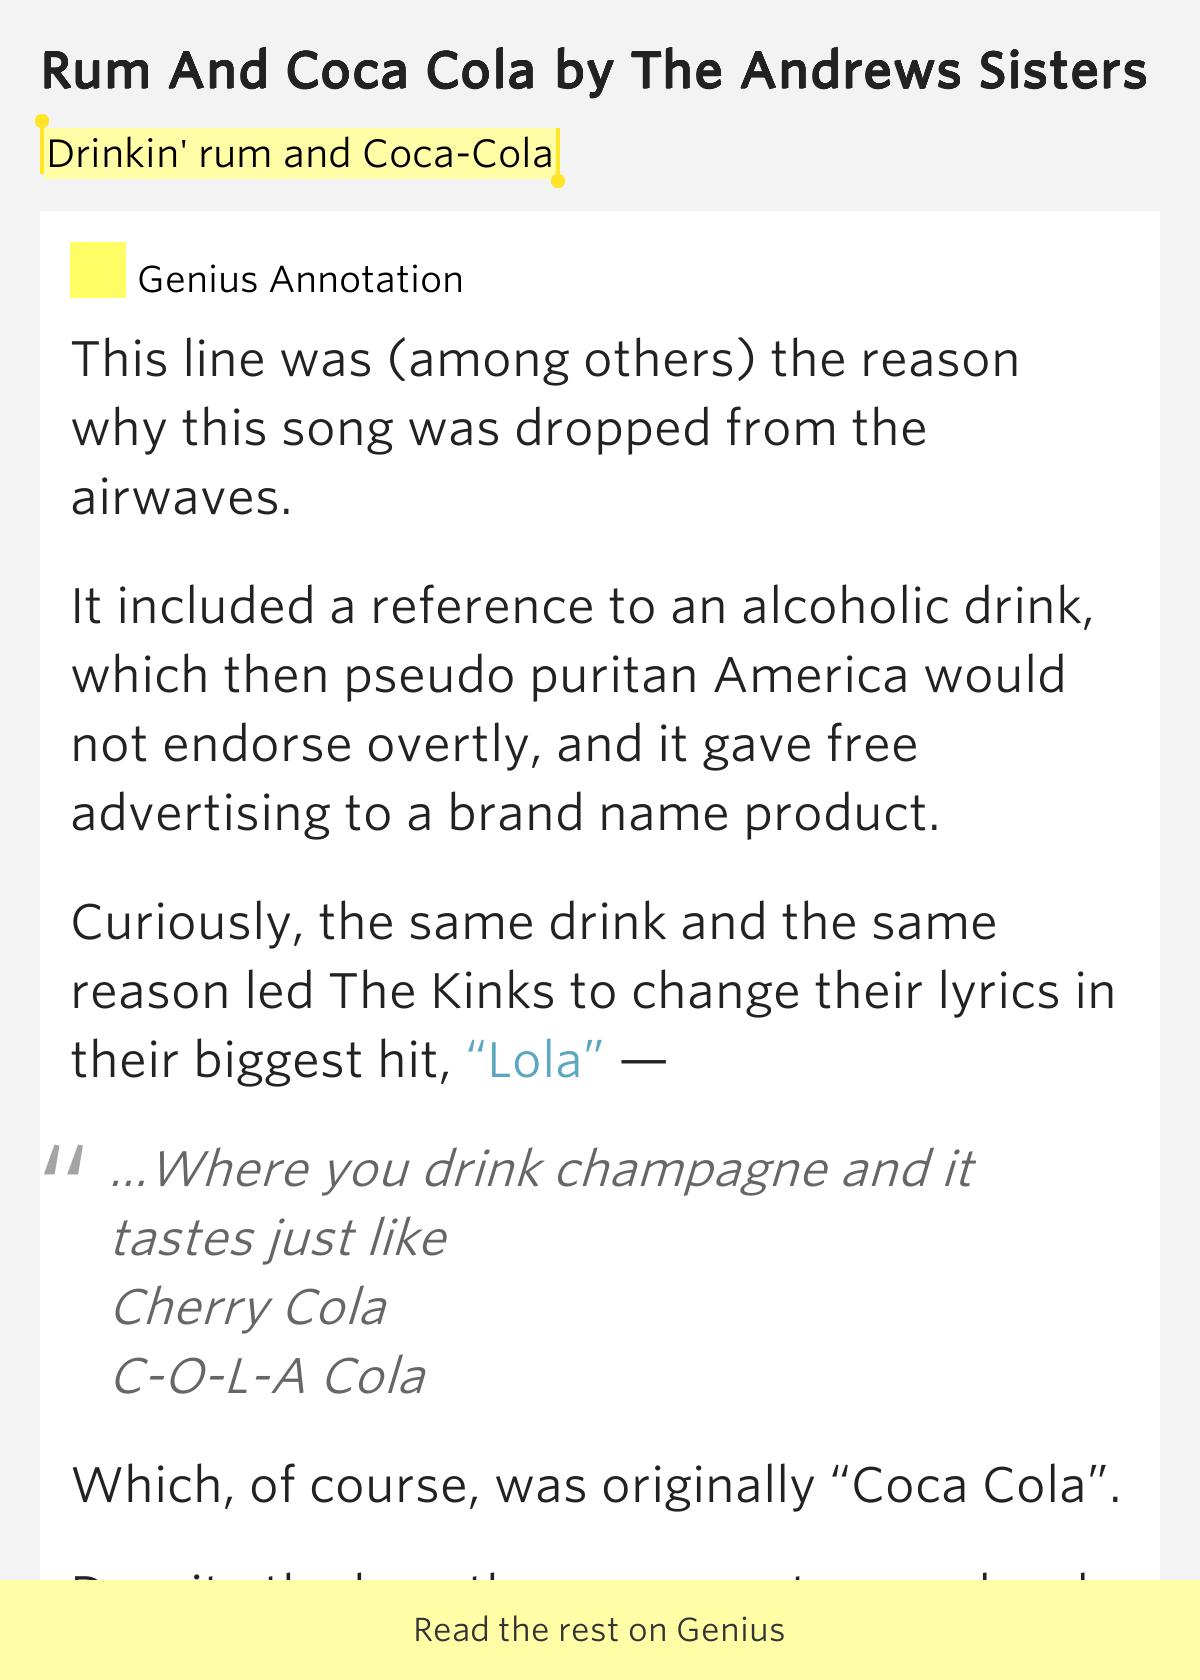 The Andrews Sisters – Rum and Coca Cola Lyrics - Genius